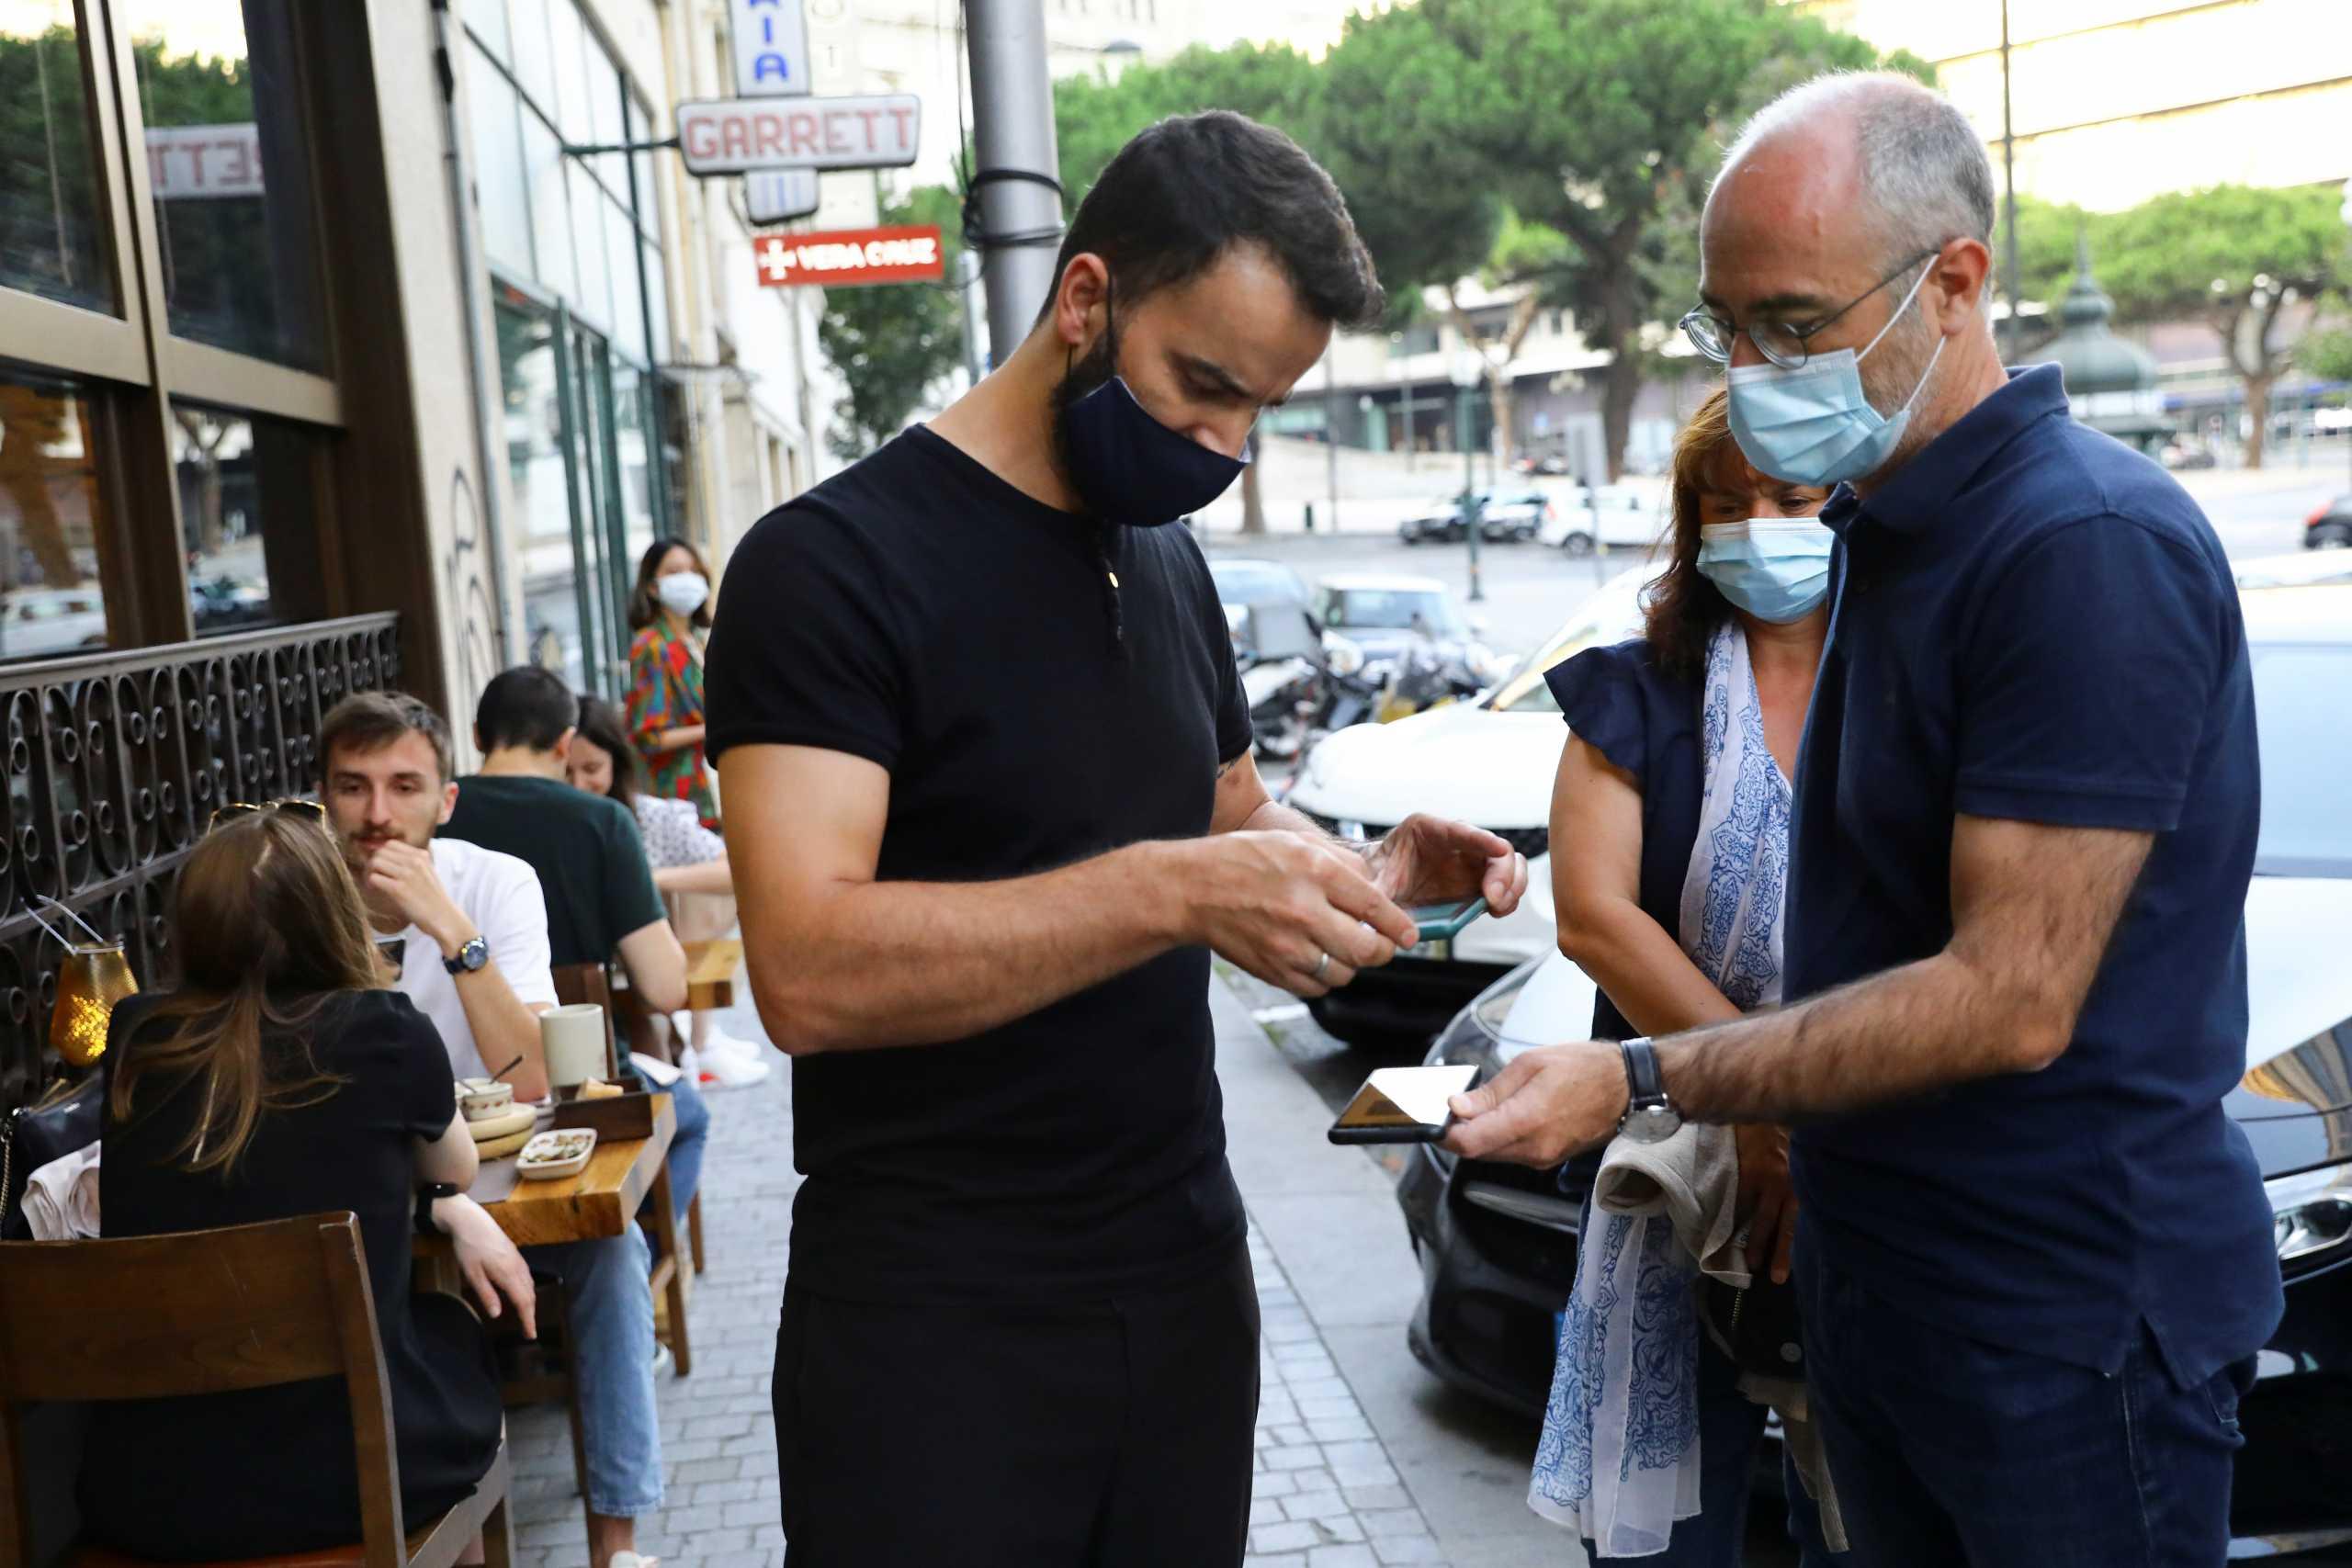 Πορτογαλία: Με πιστοποιητικό εμβολιασμού ή νόσησης ή αρνητικού τεστ η είσοδος στα εστιατόρια